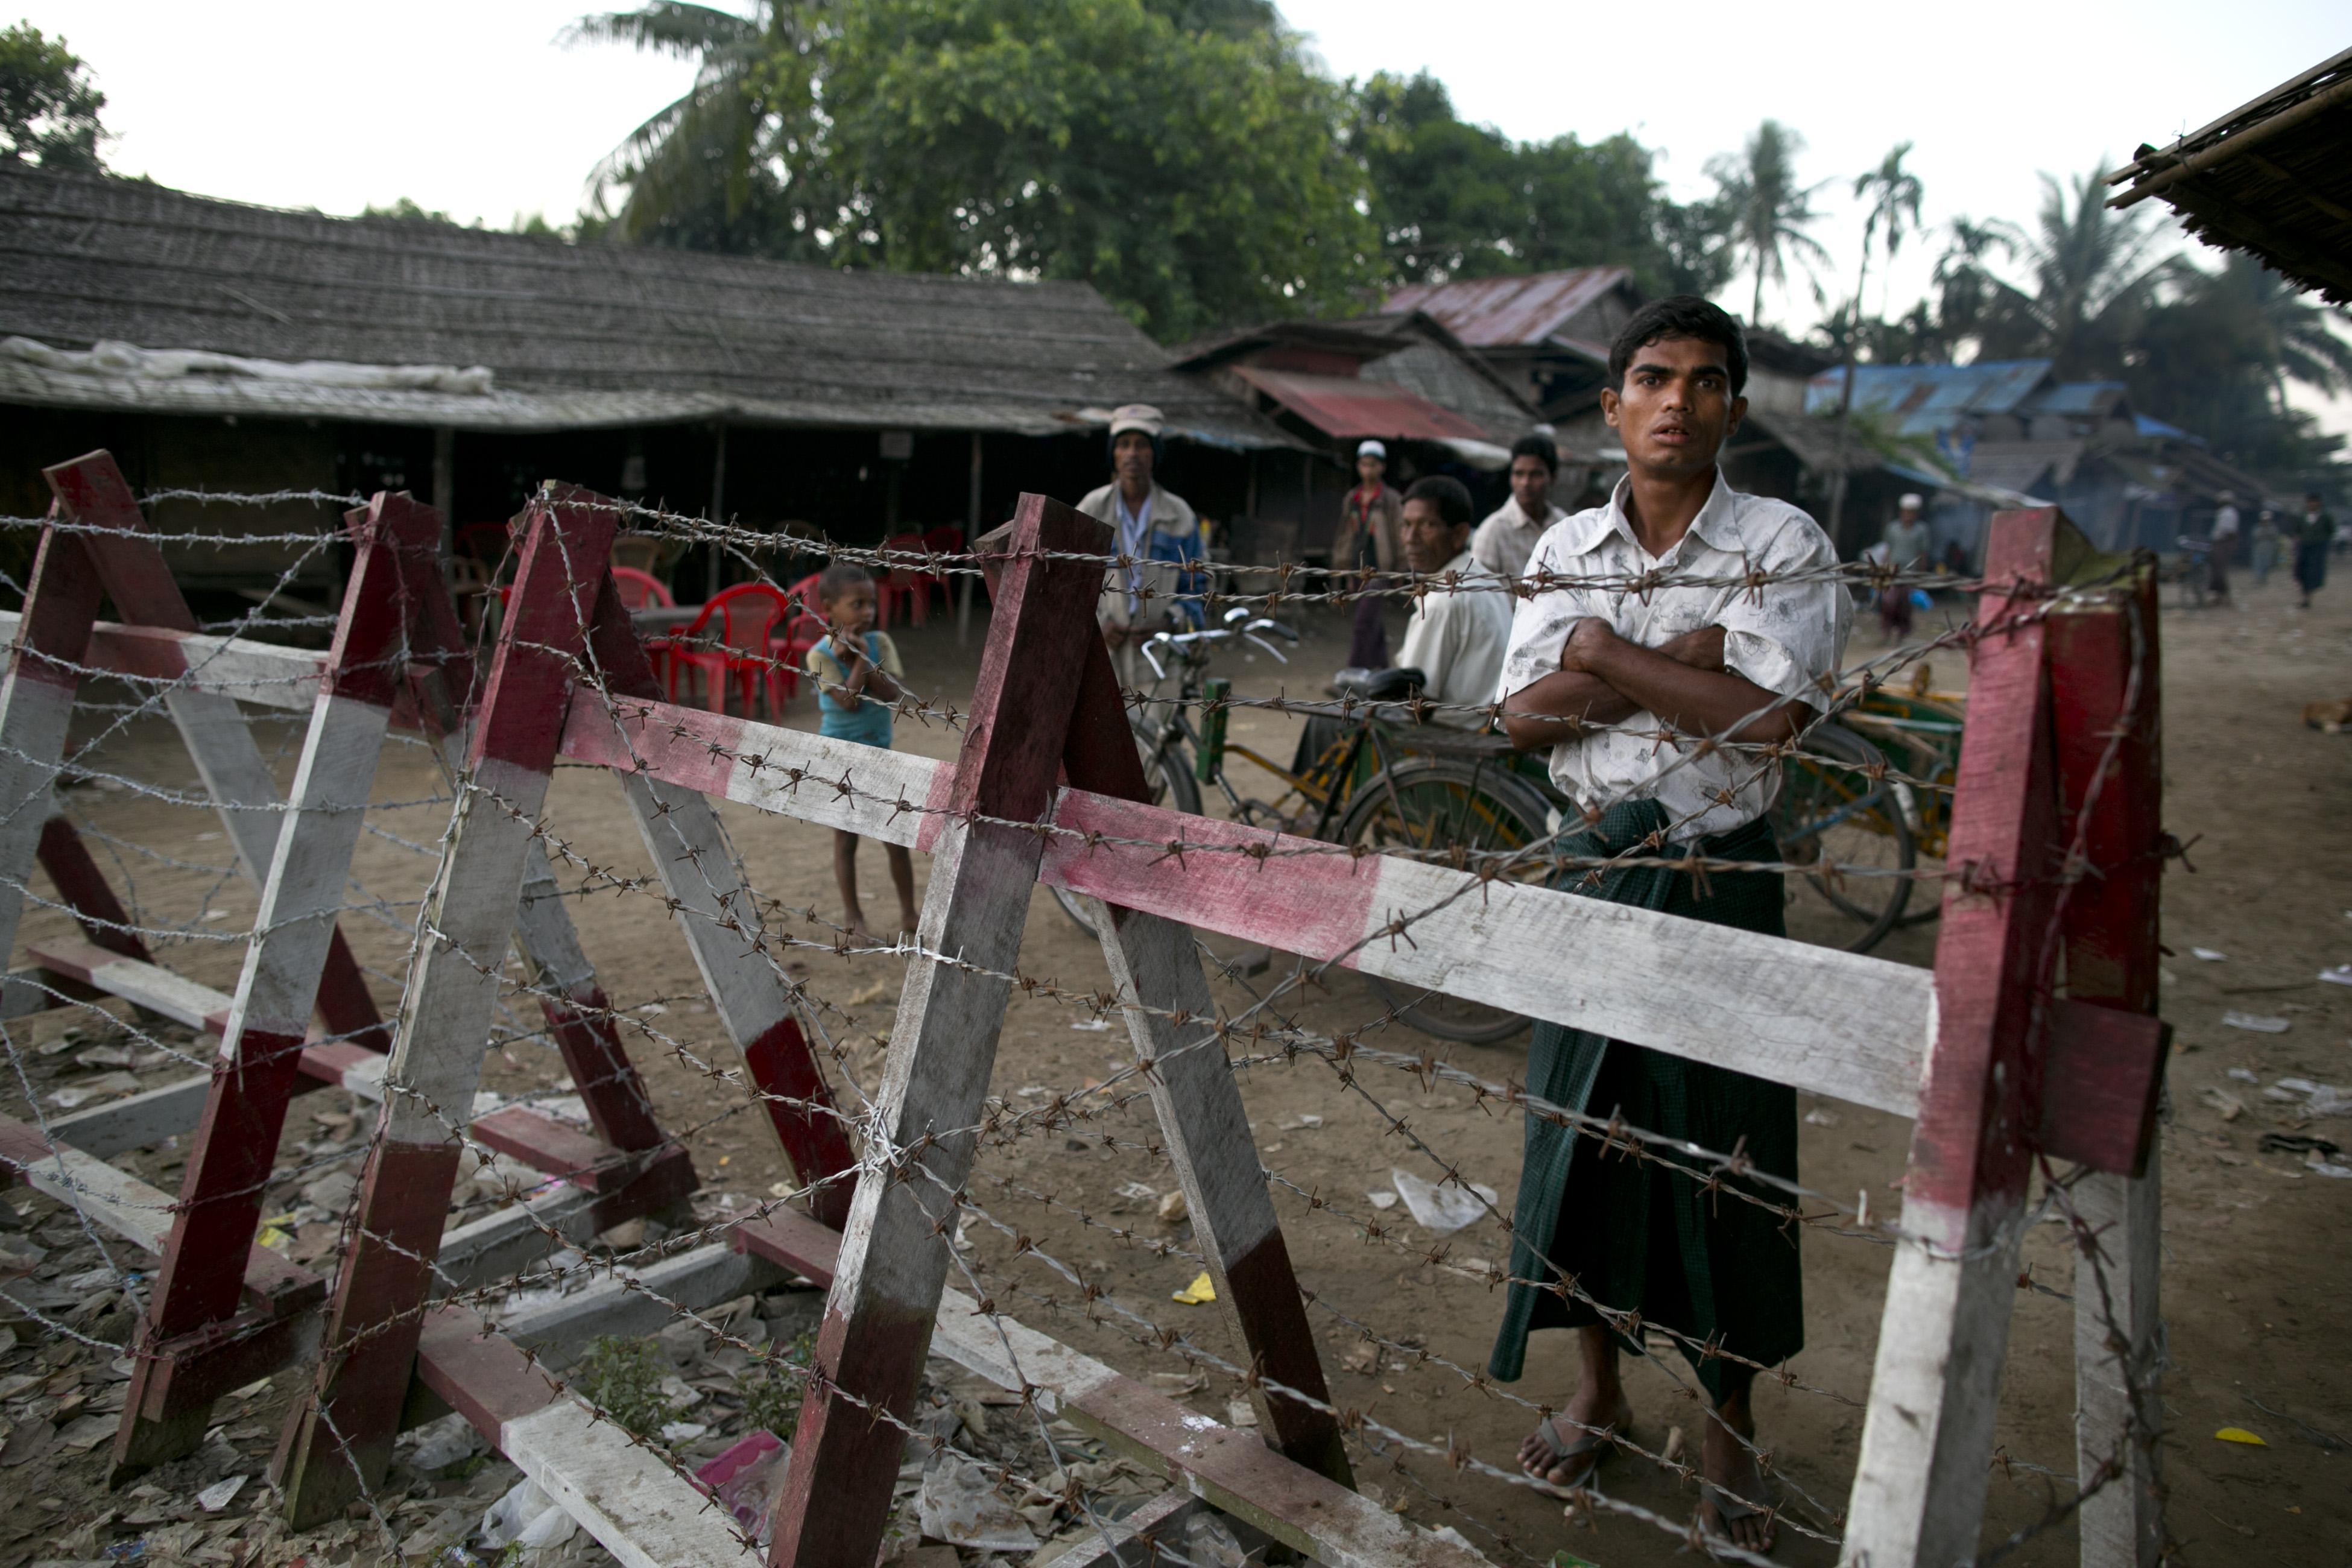 Utrpení, které neexistuje. Barmští buddhisté drží muslimy v koncentrácích